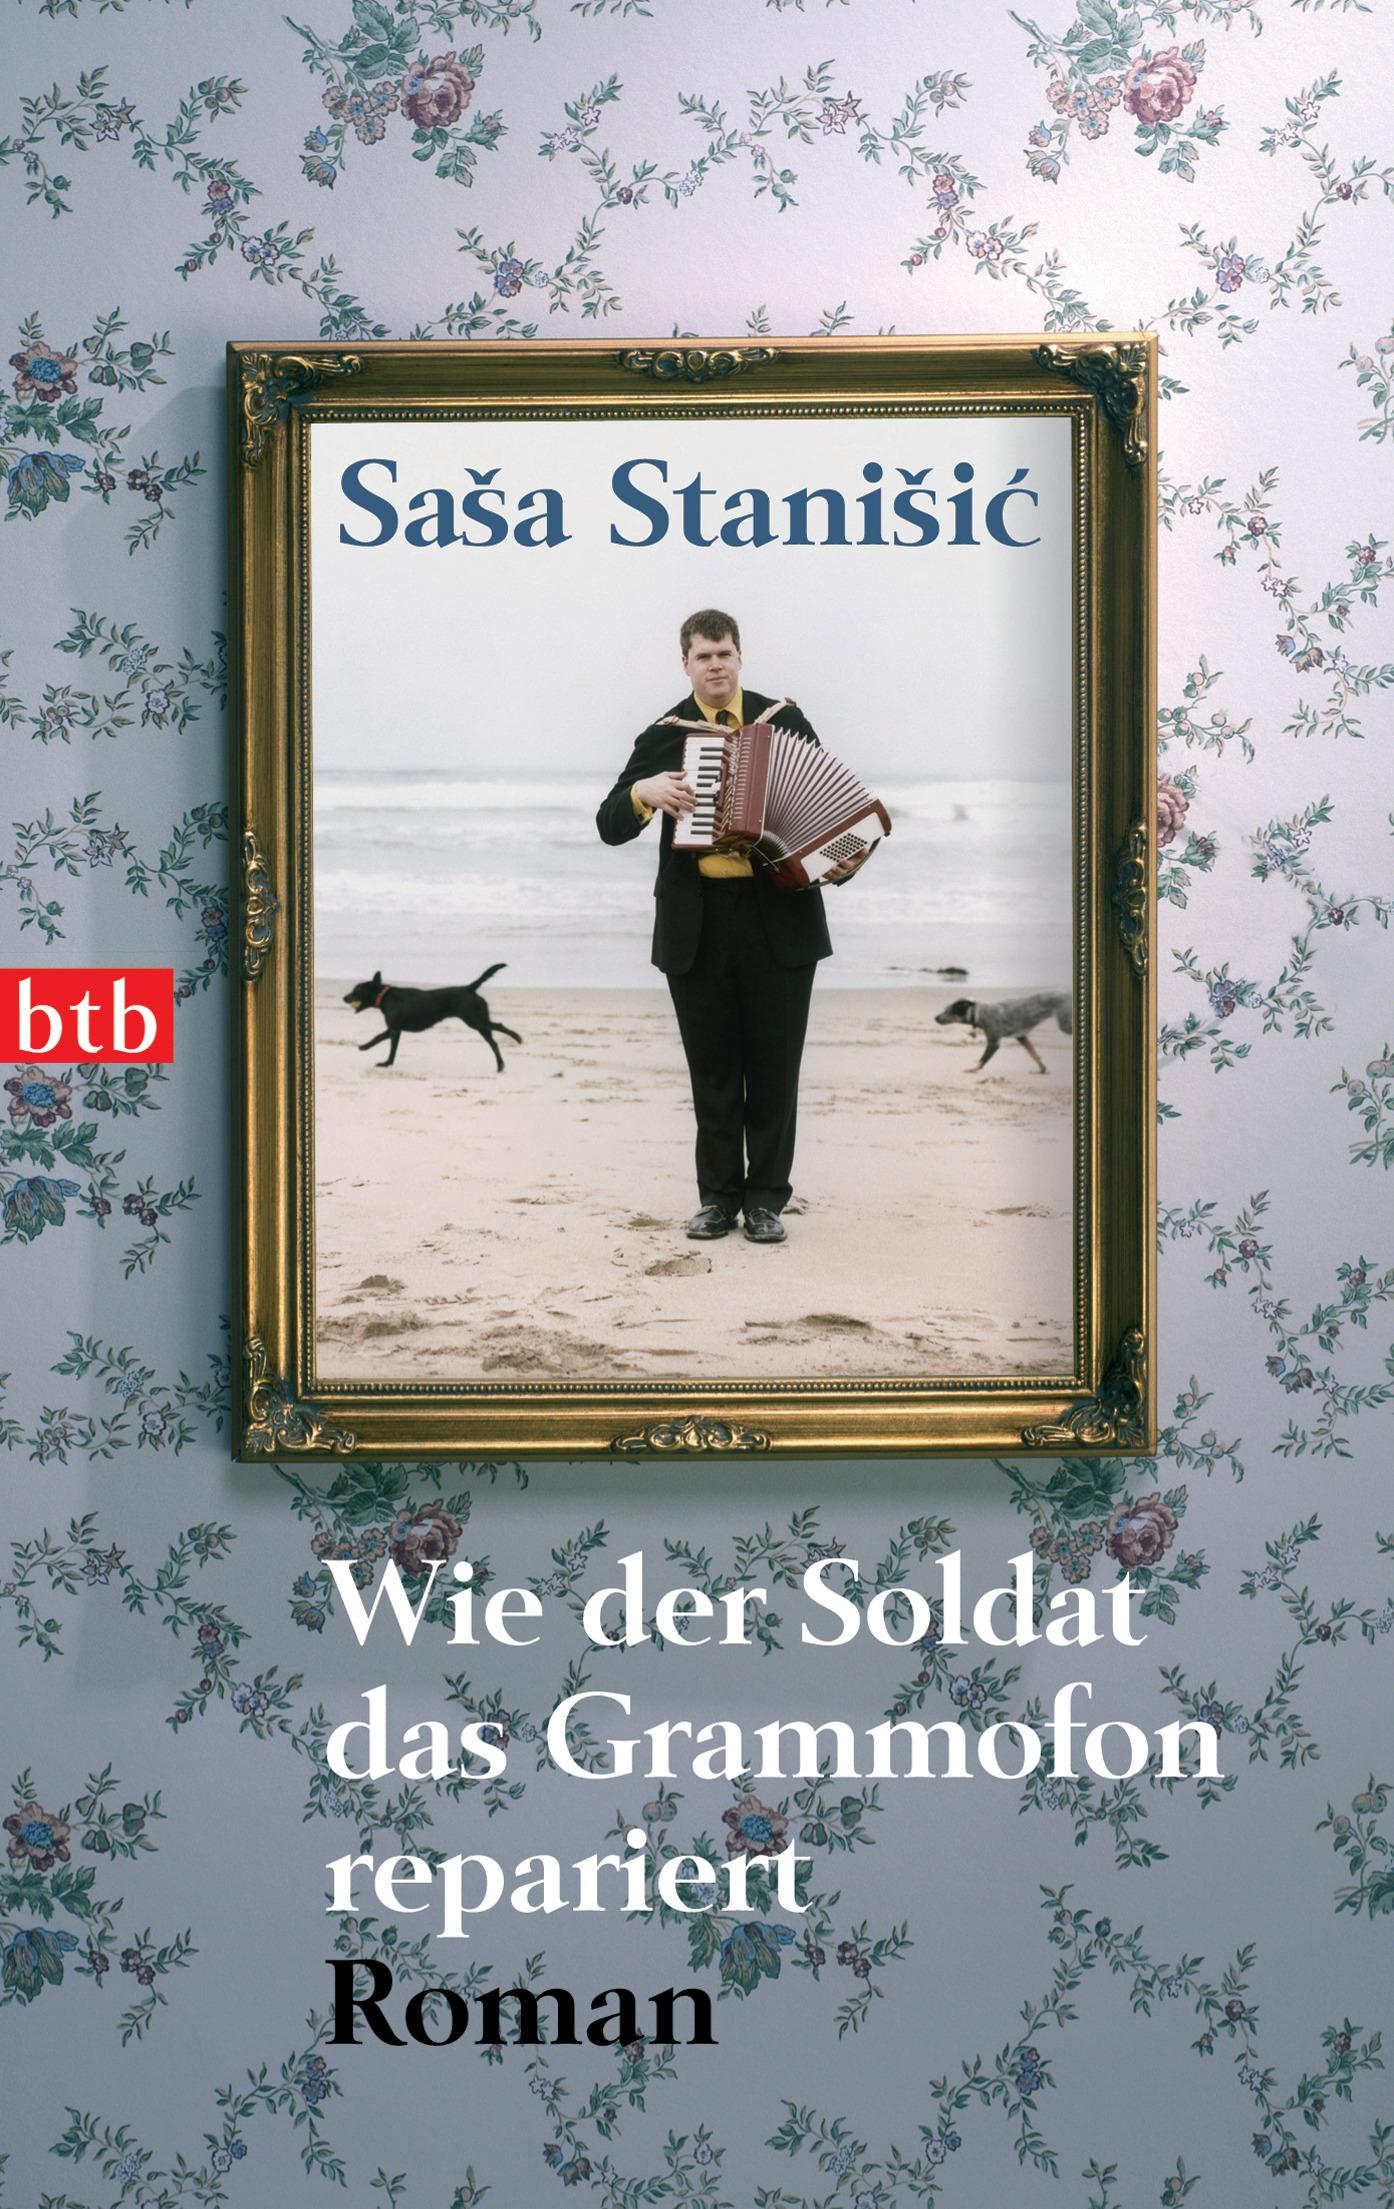 Wie der Soldat das Grammofon repariert - Saa Staniic